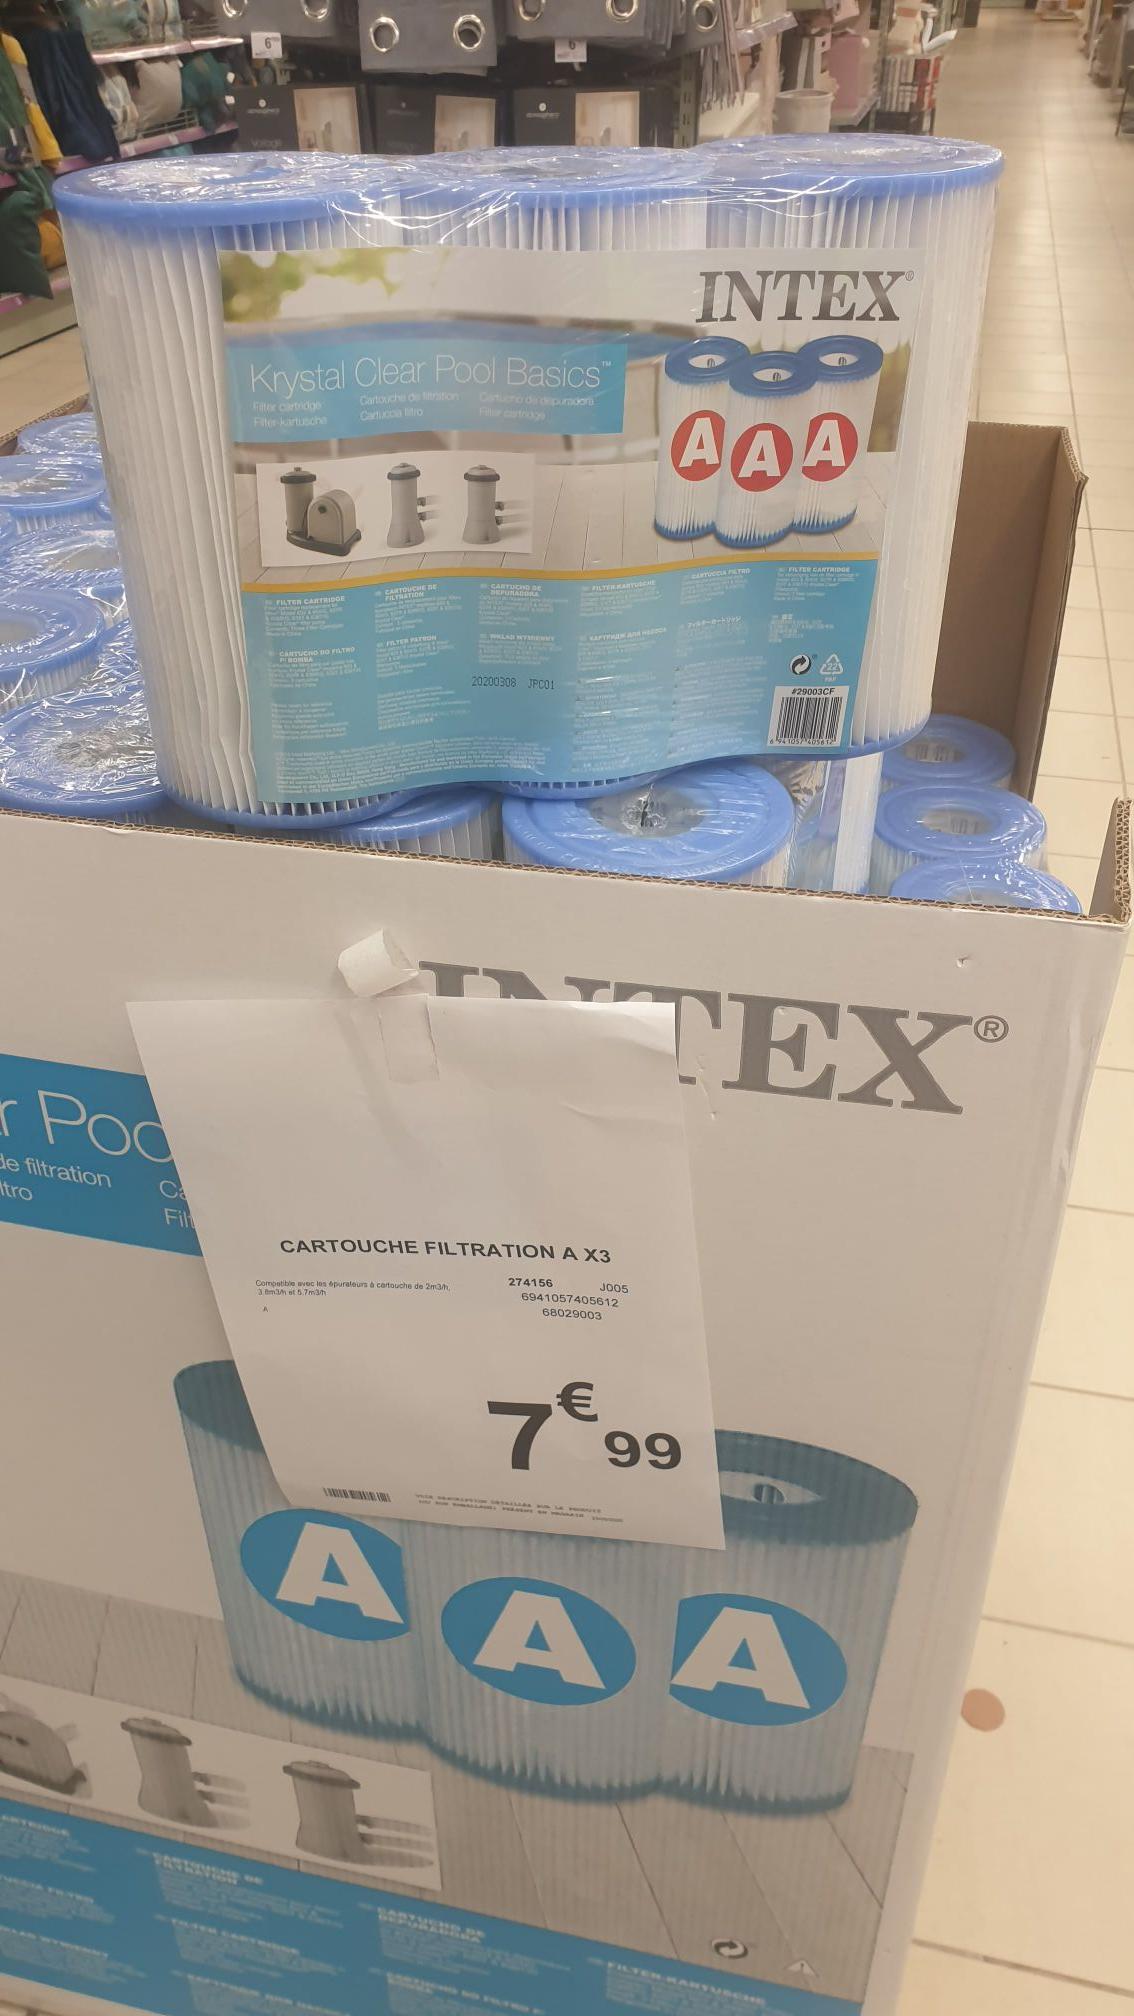 Lot de 3 cartouches de filtration Intex (Type A) - Tourcoing (59)